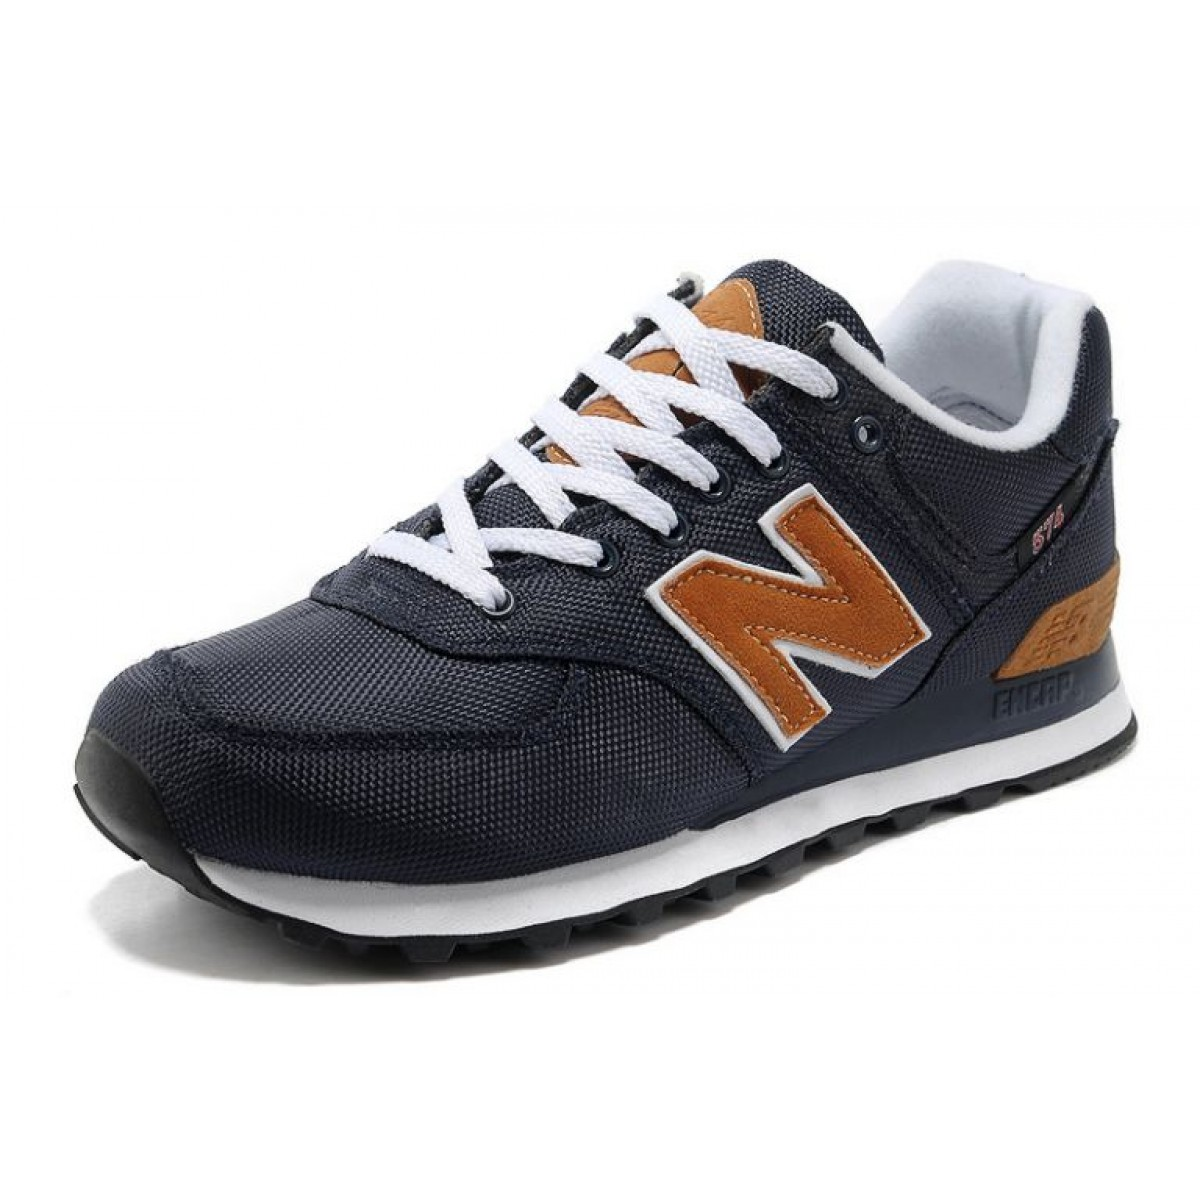 new balance 574 homme orange